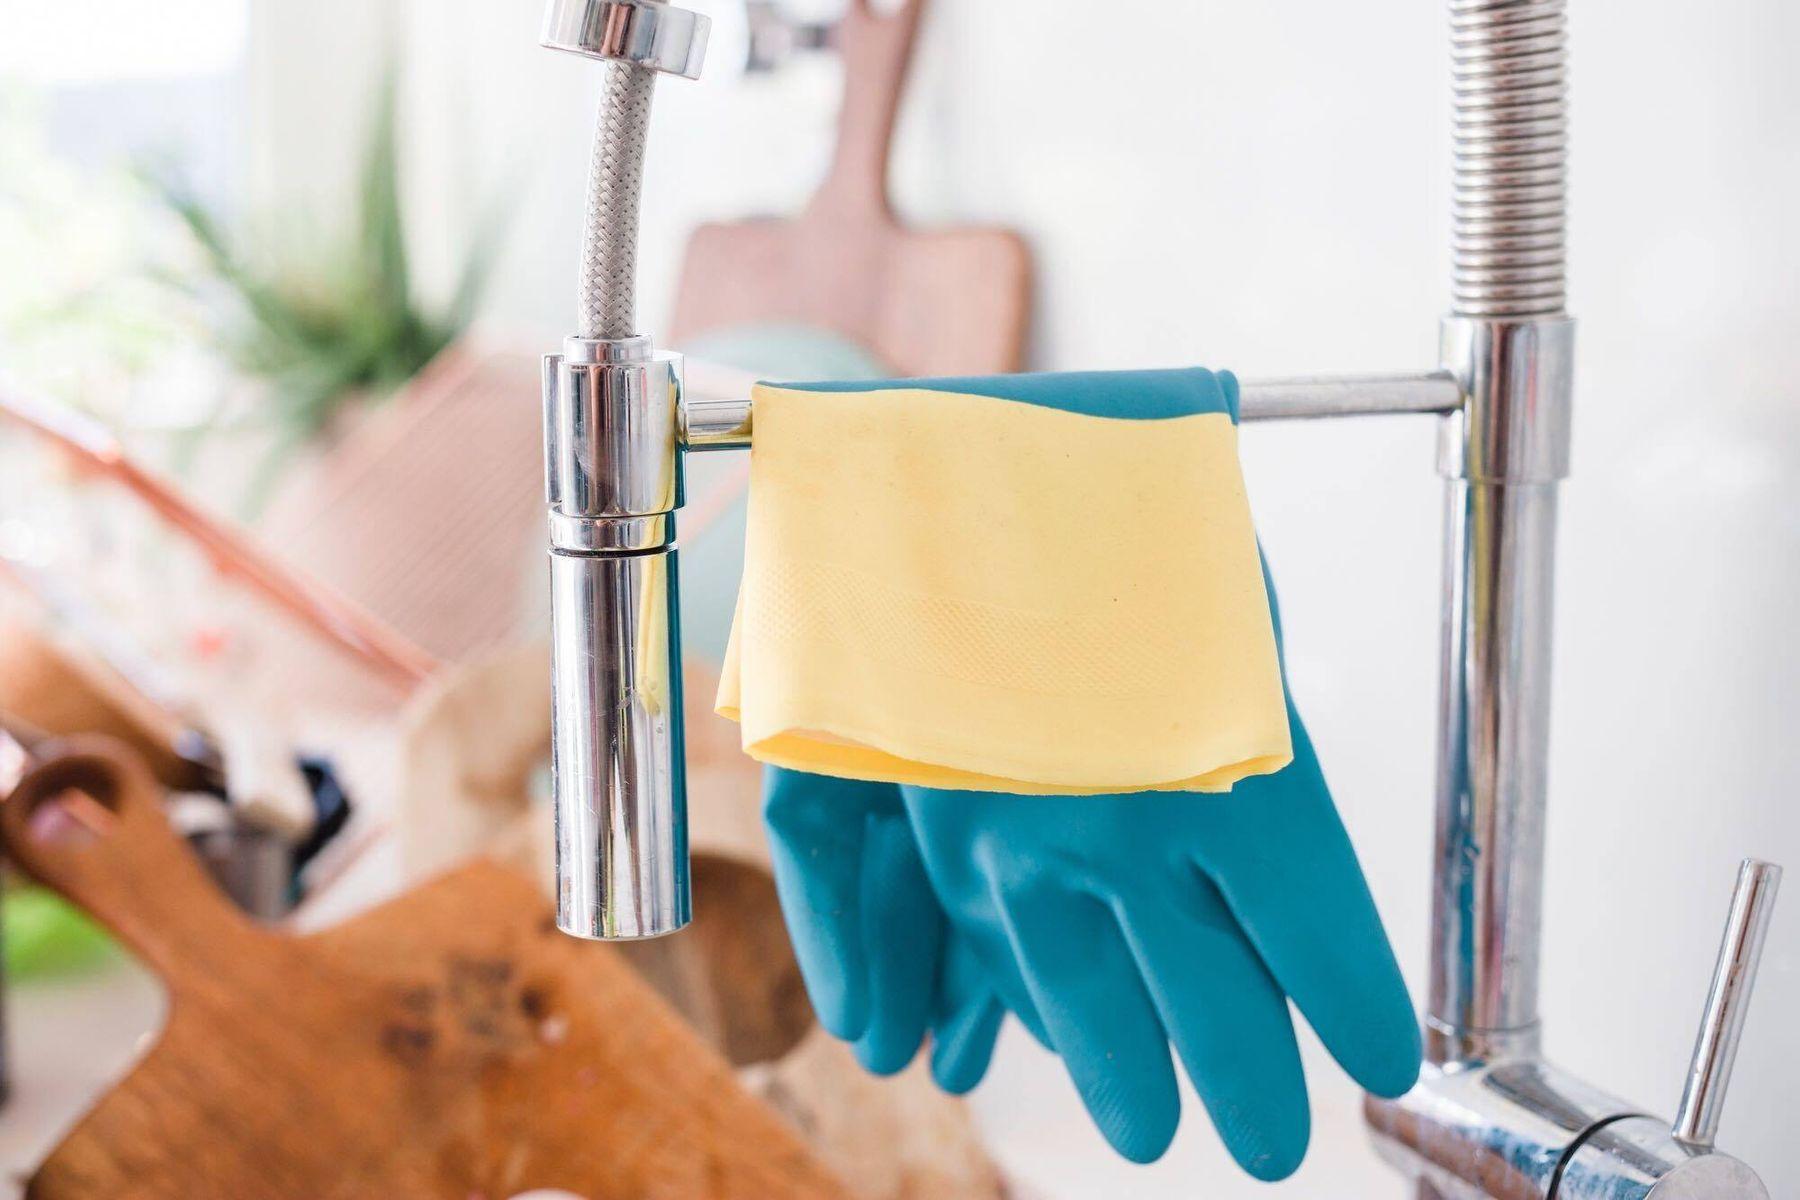 Gummihandschuh und Putztuch im Spülbecken